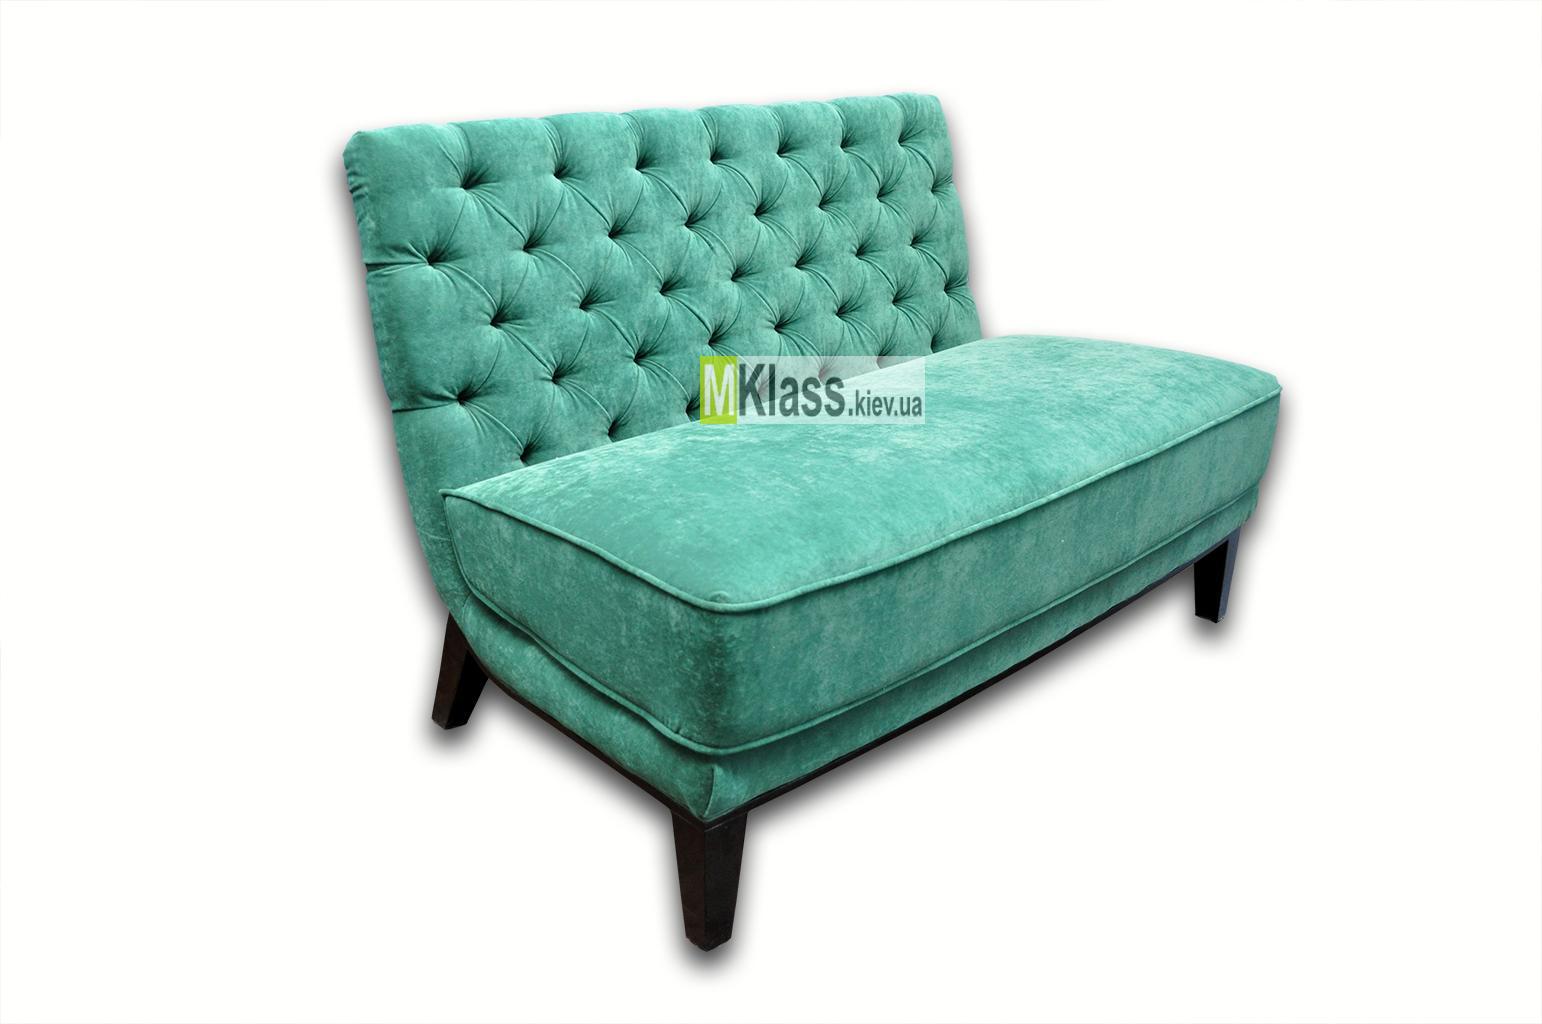 26 - Как заказать качественный диван?